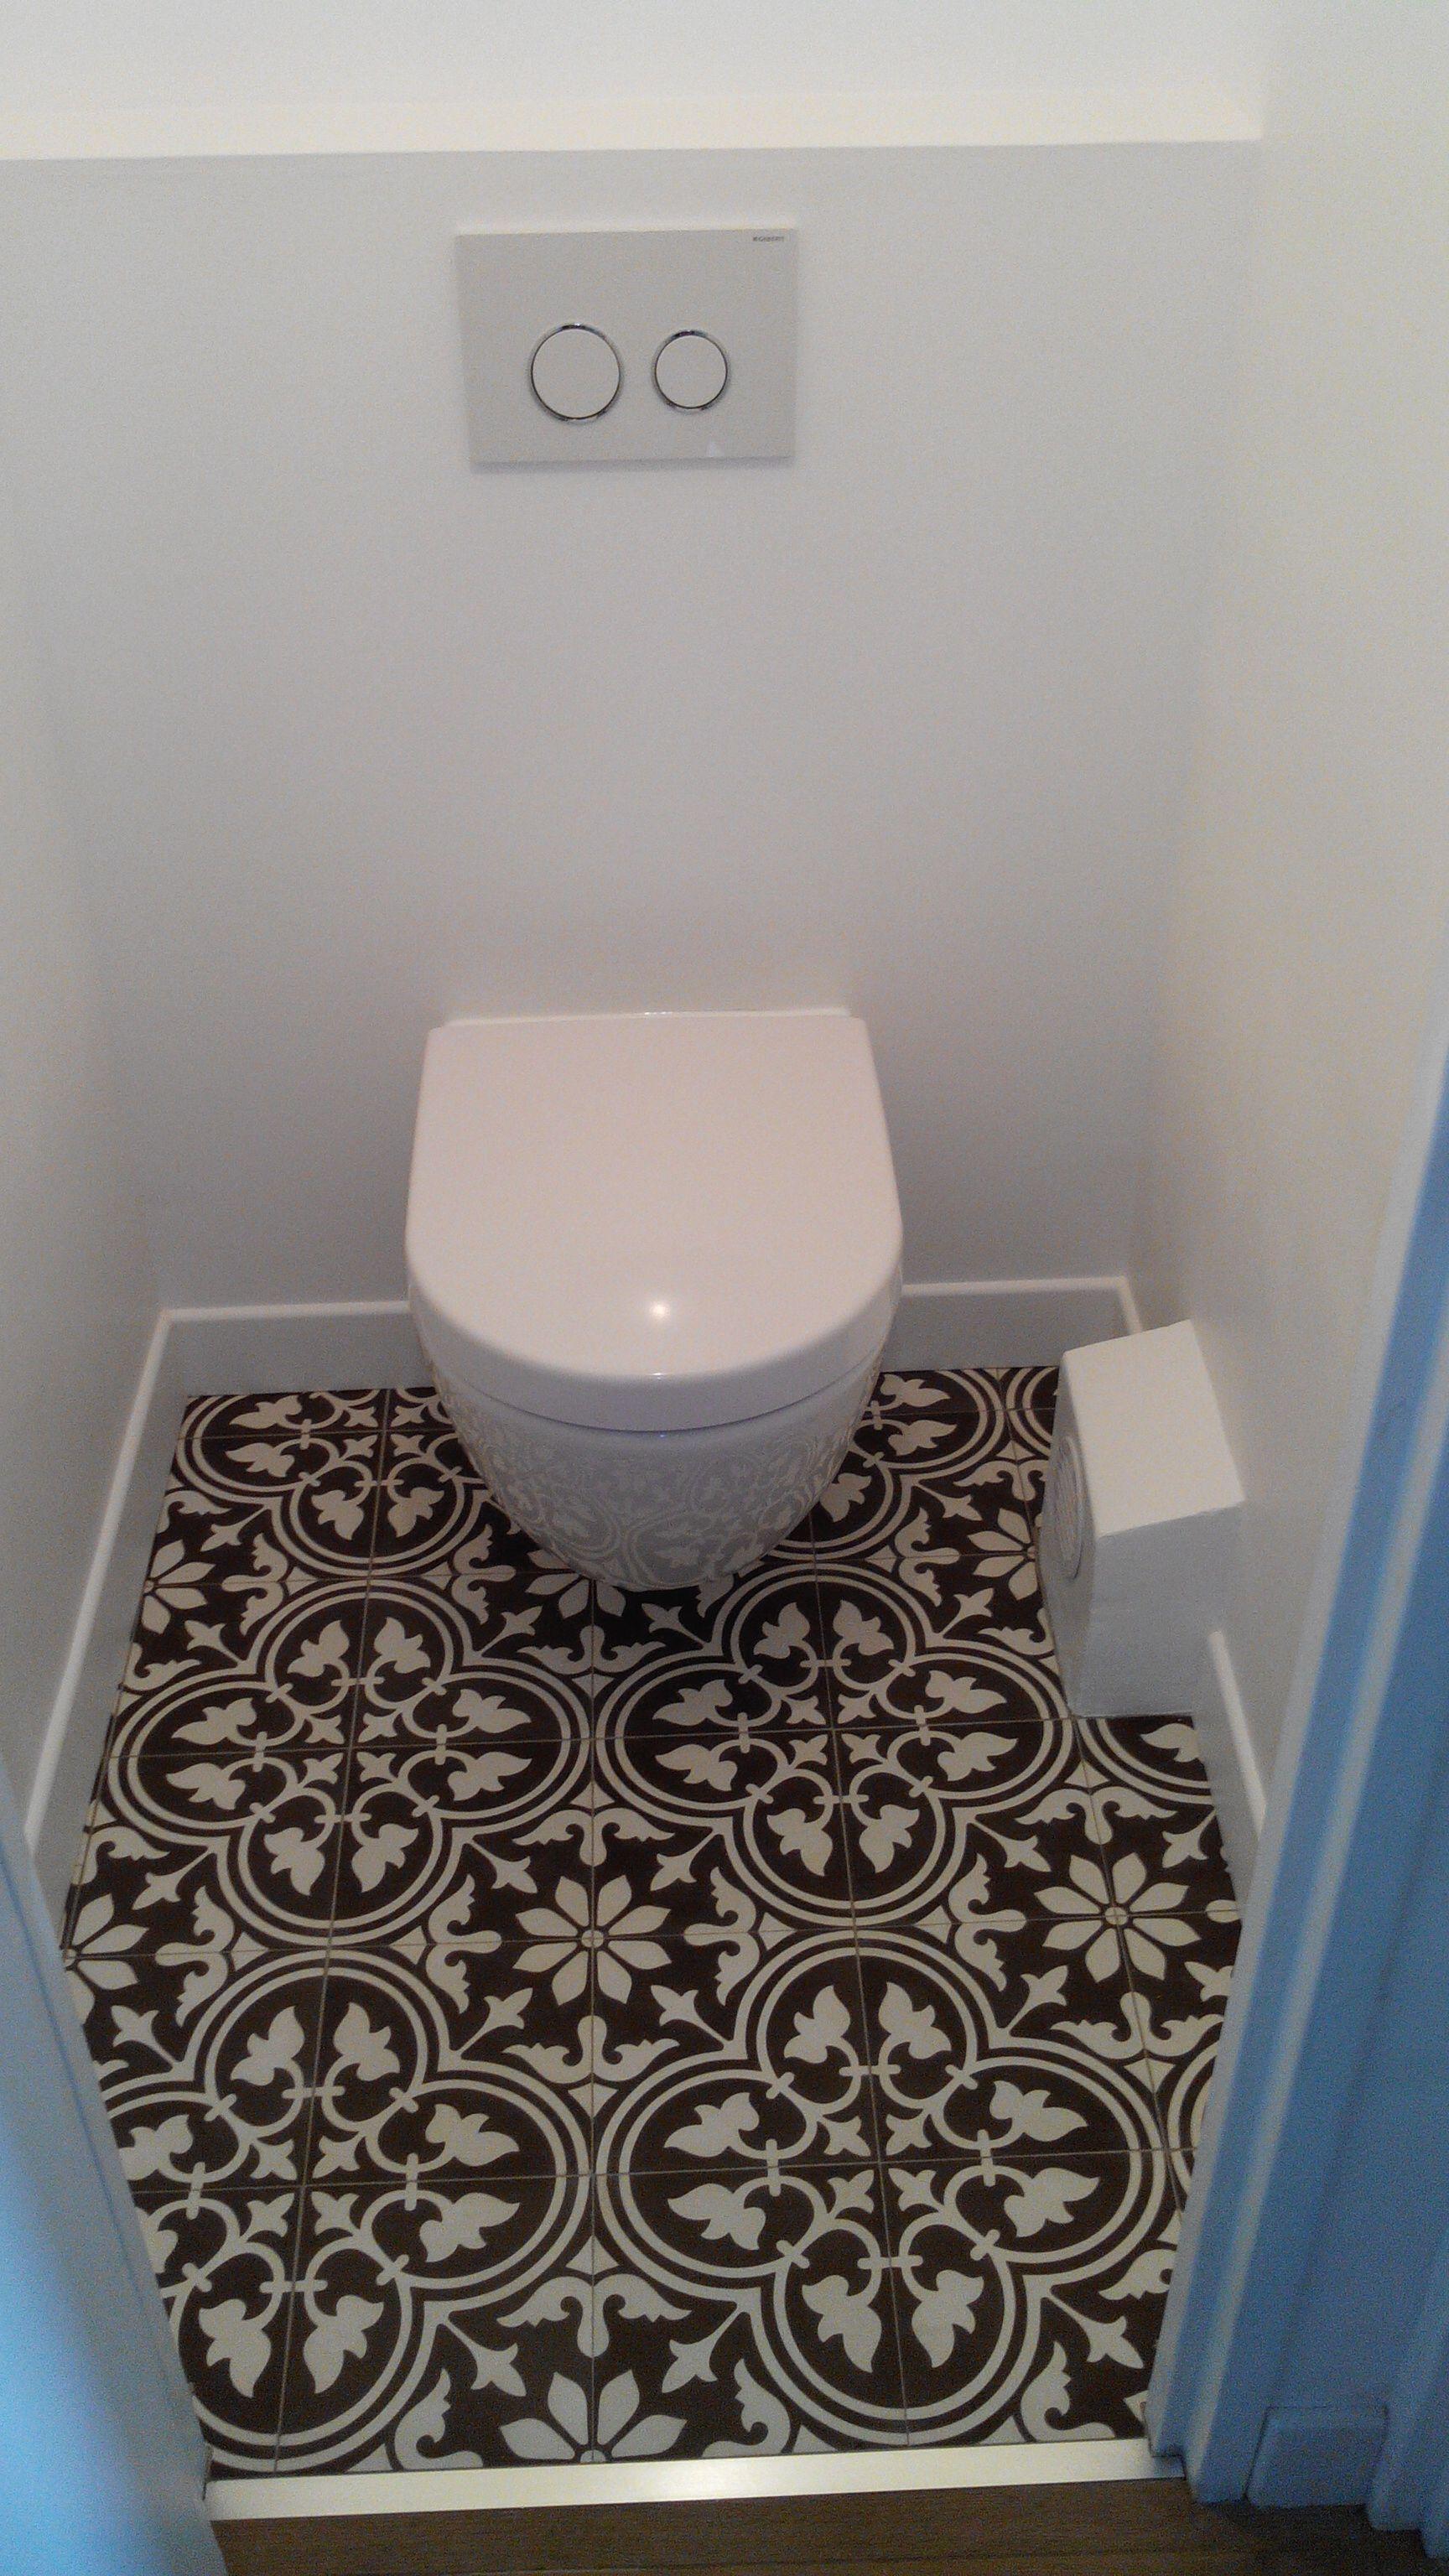 Boden Im Gäste WC Komplett Mit Dekoren Zementfliesen Gefliest.